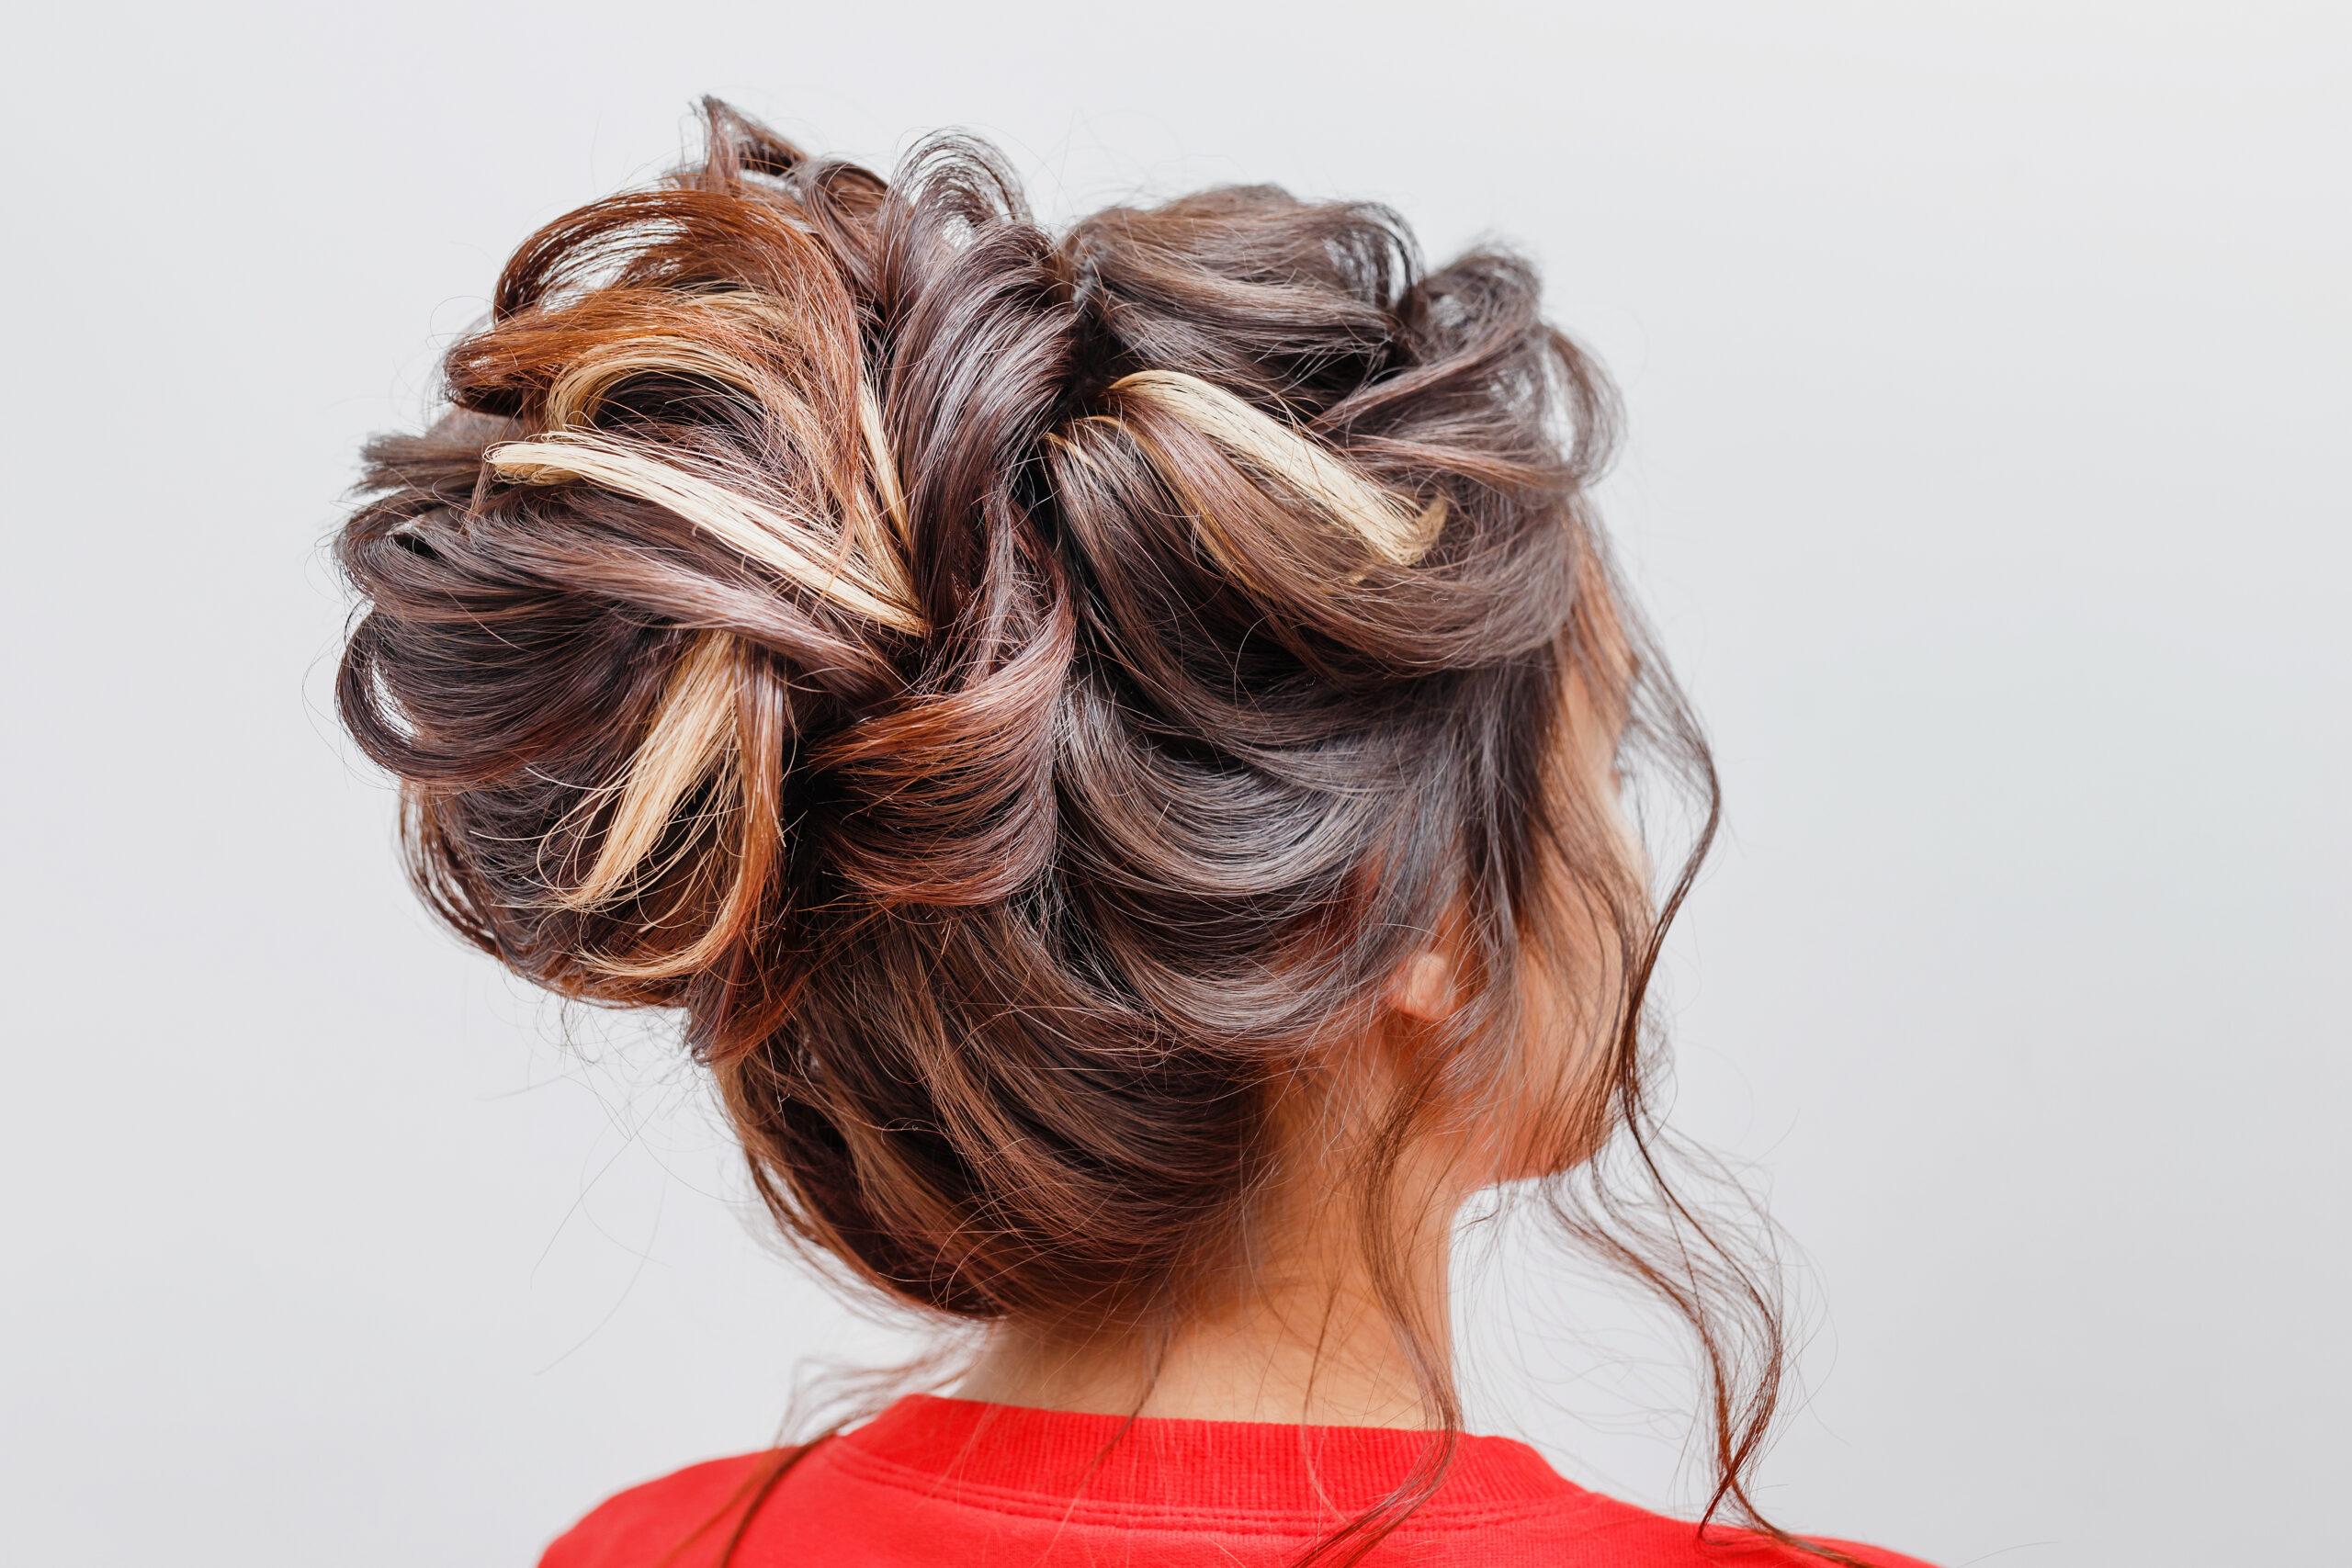 fryzura na wesele wysoki kok luźno upięty